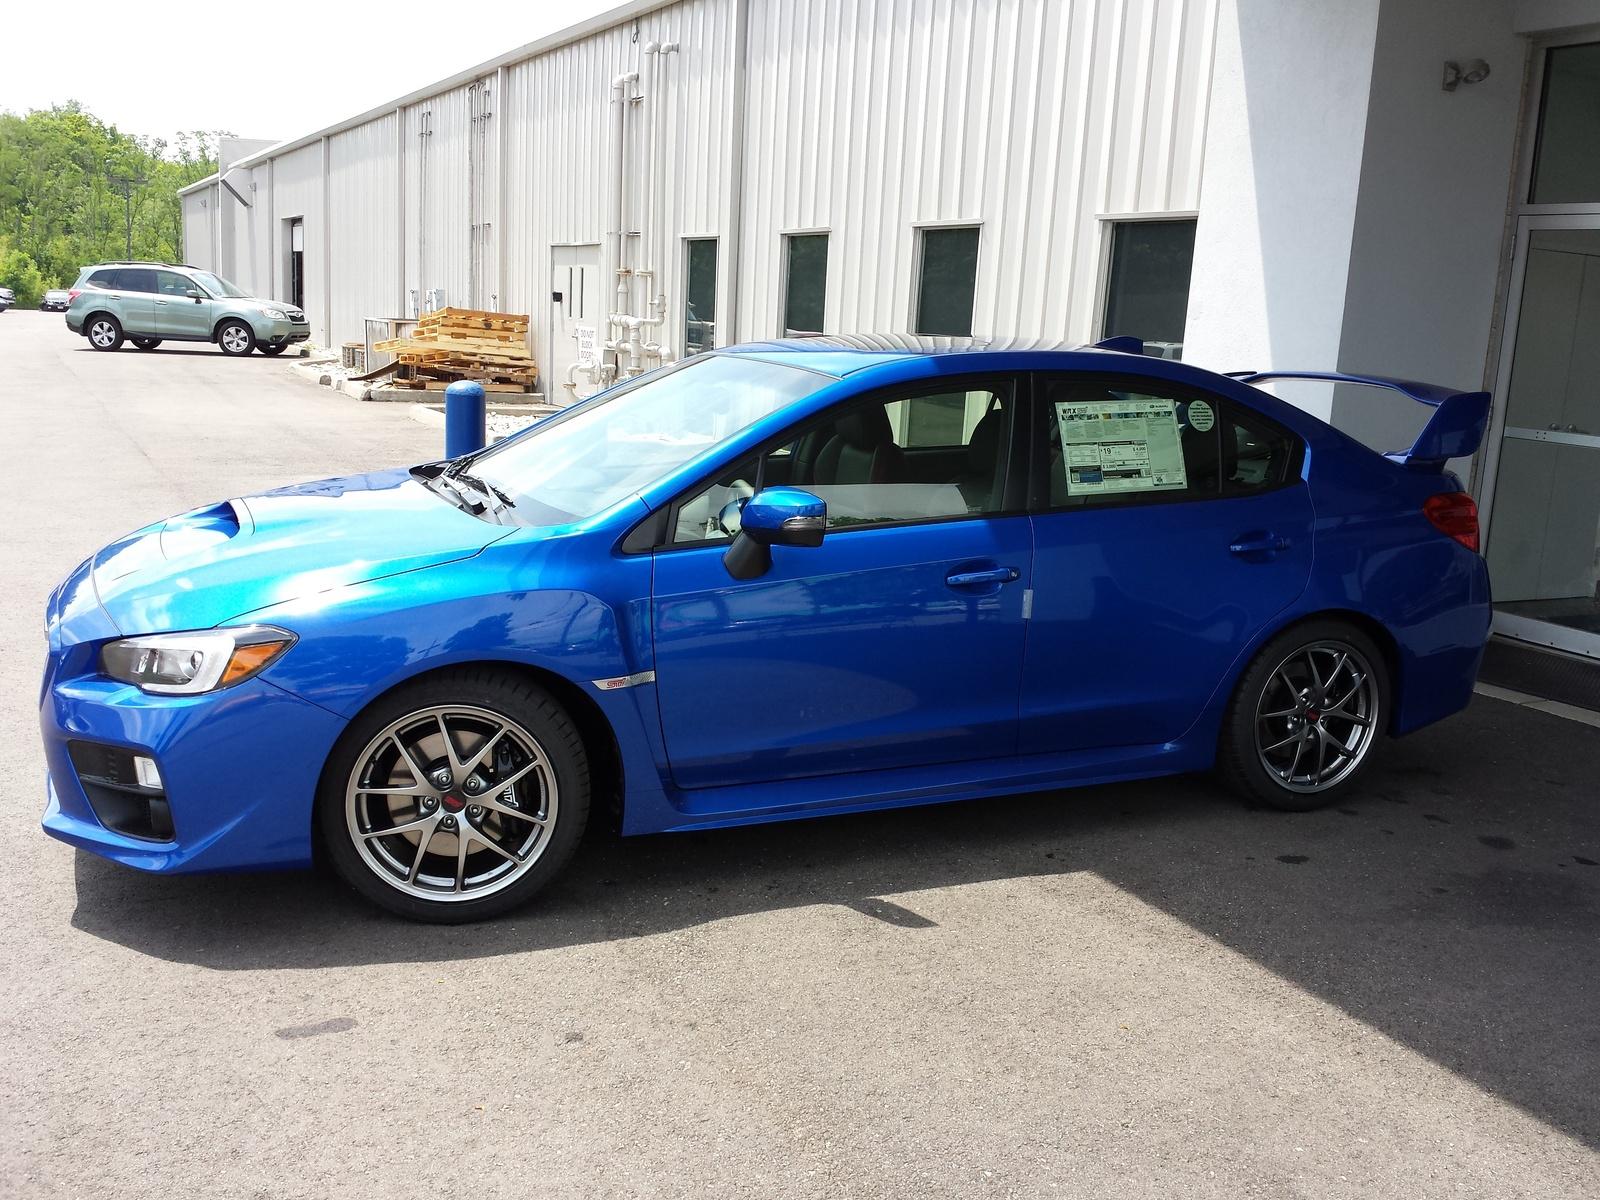 2014 Subaru Impreza Wrx Limited Subaru Impreza Wrx Limited